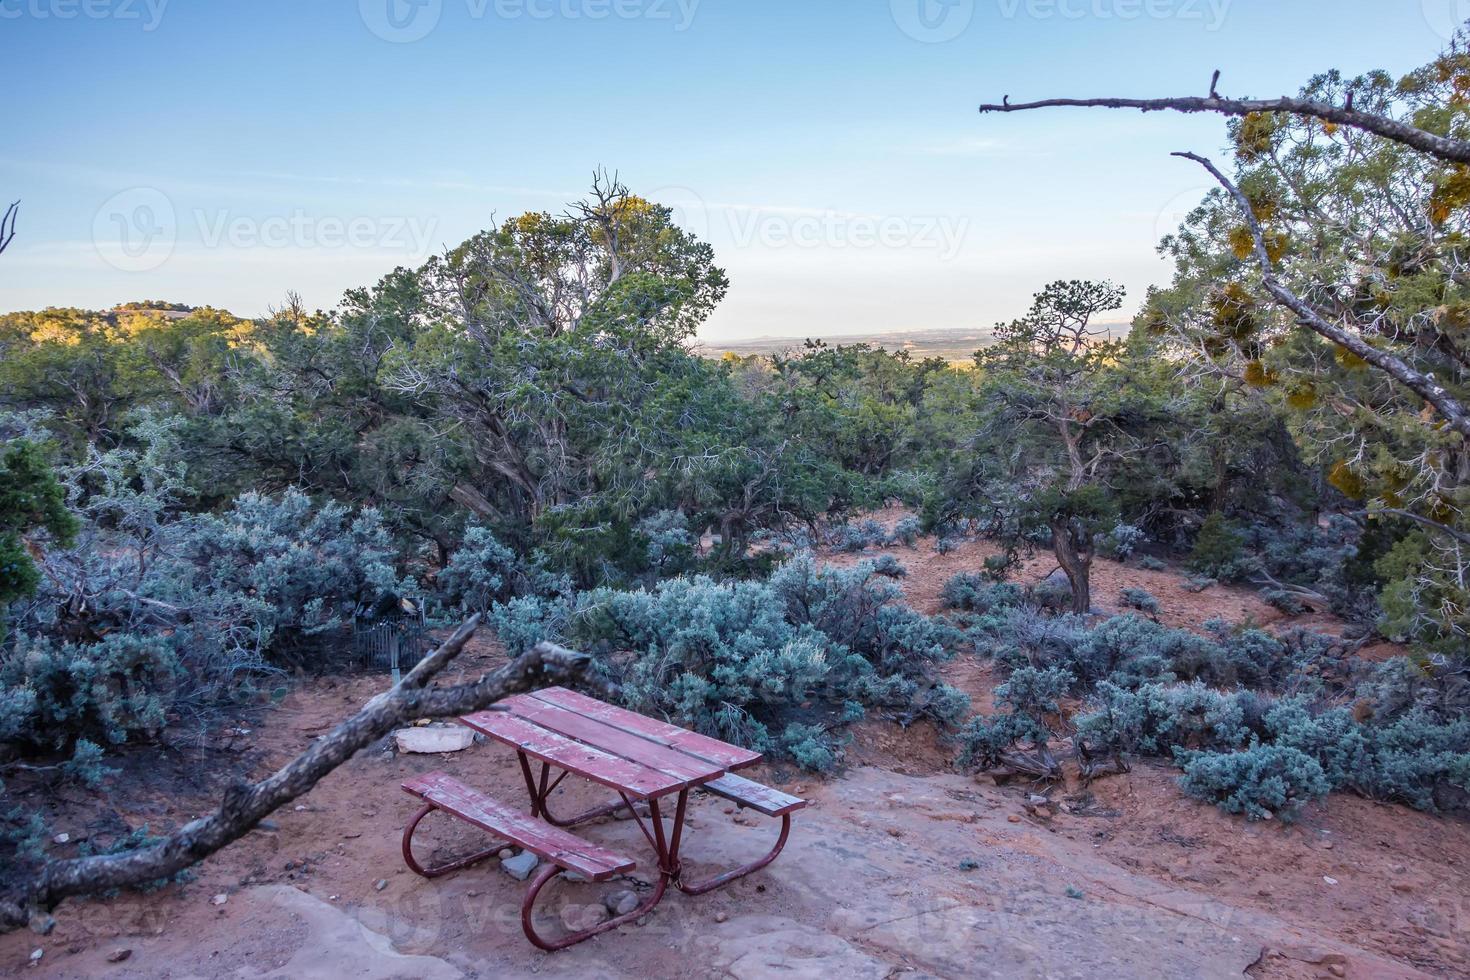 un antico ginepro nodoso nei pressi del navajo monument park utah foto